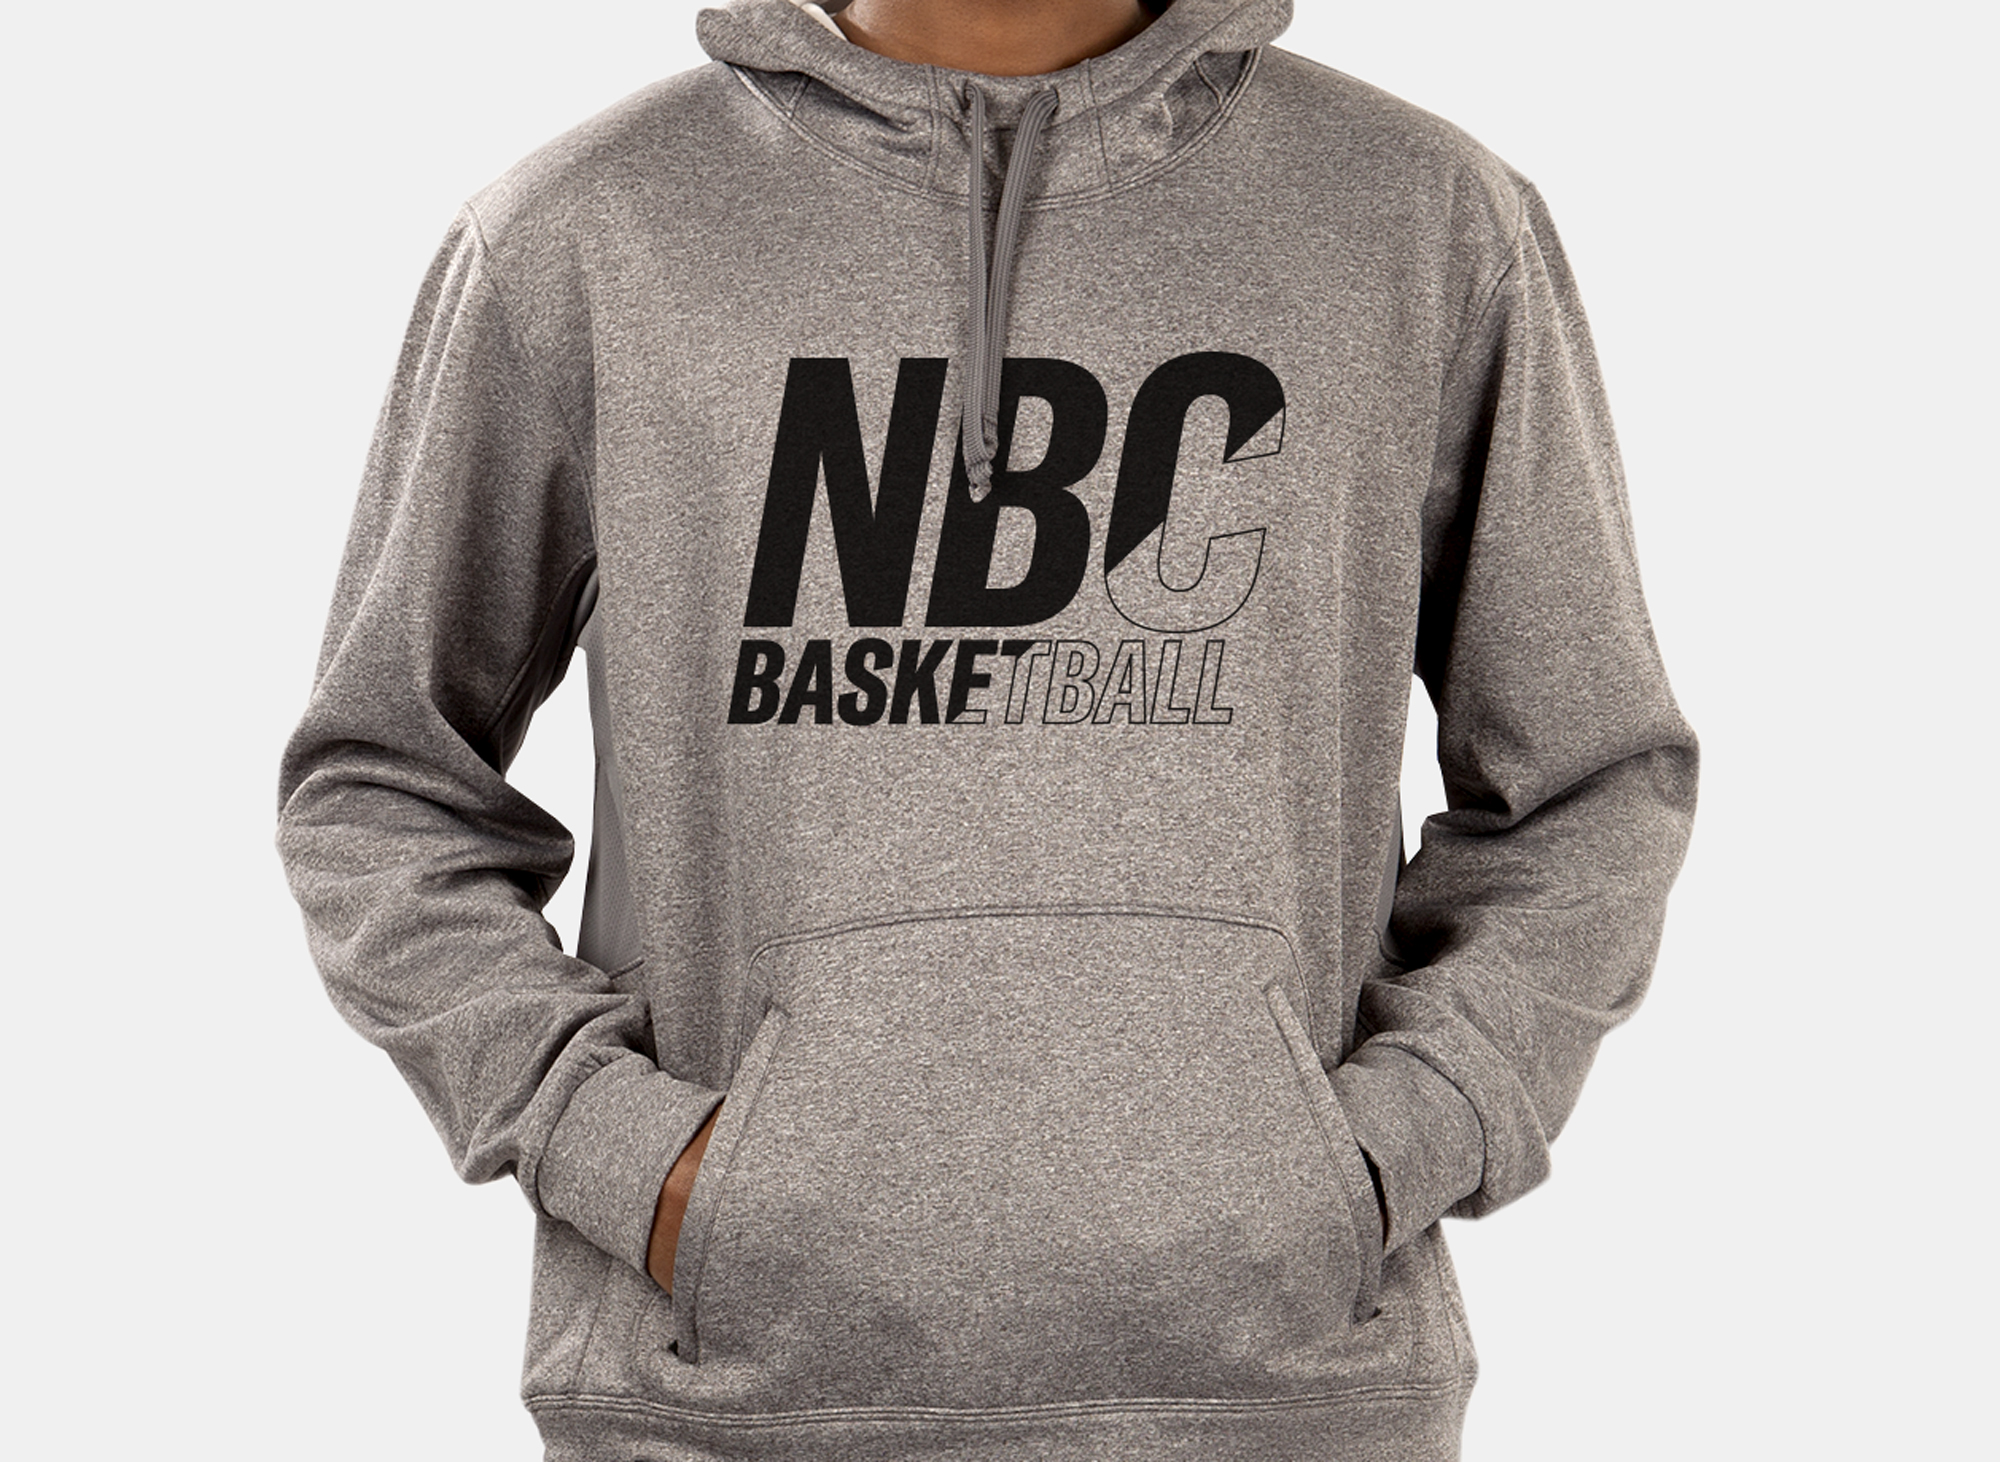 NBC_Hoop-sweatshirt.jpg